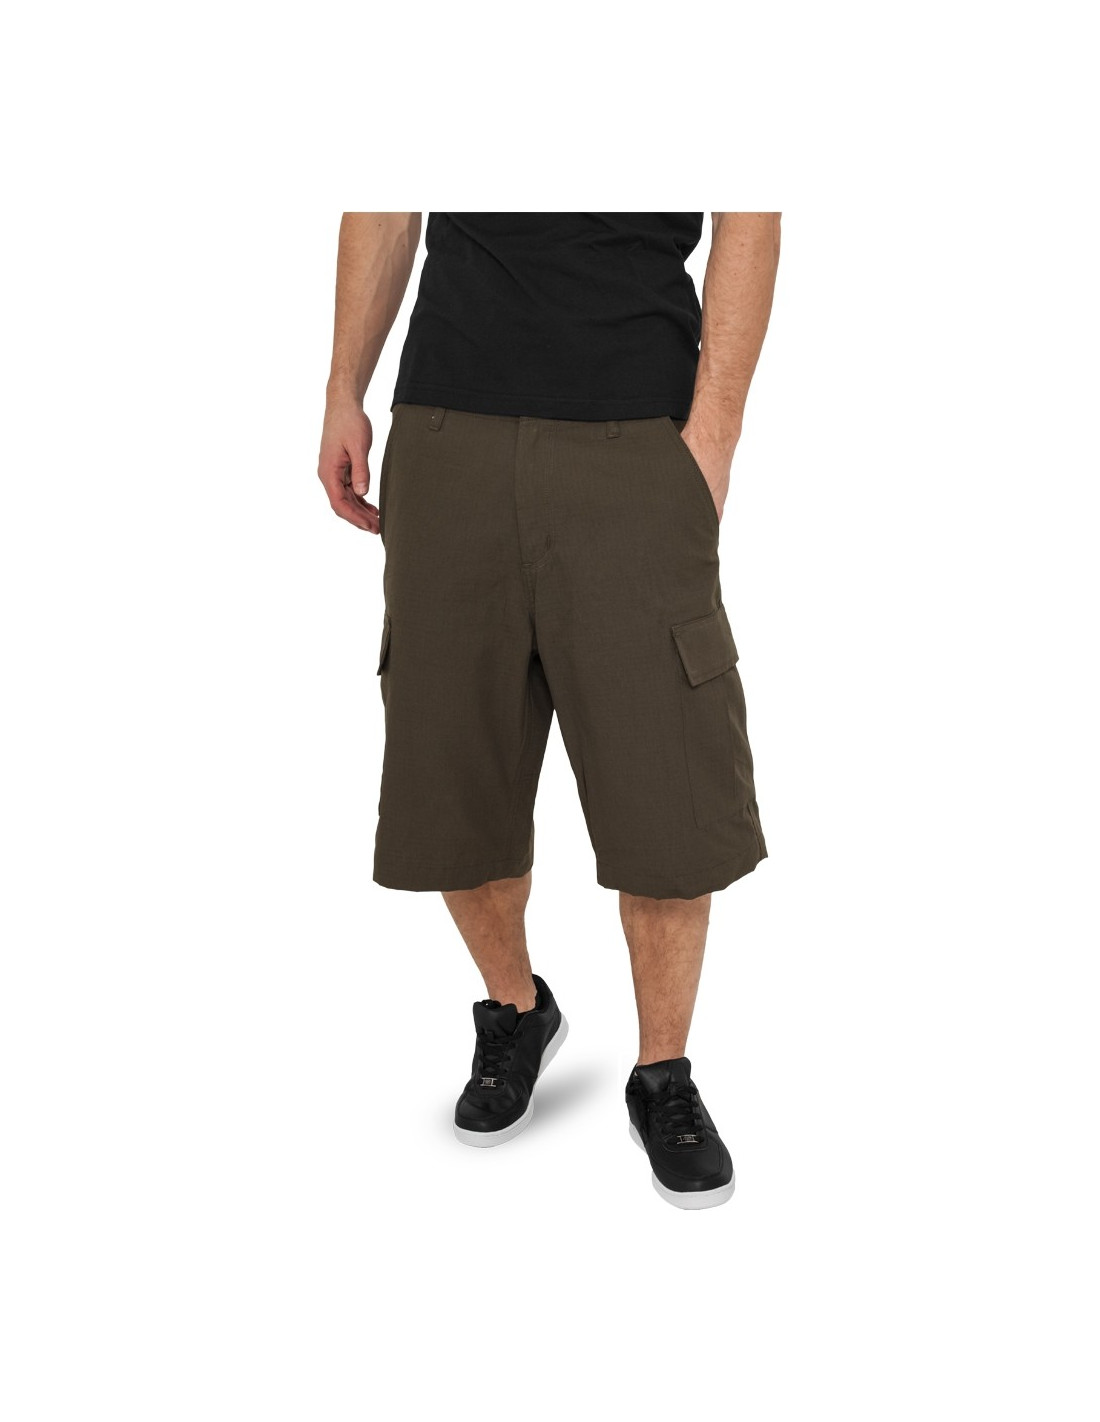 Urban Camouflage Cargo Shorts olive